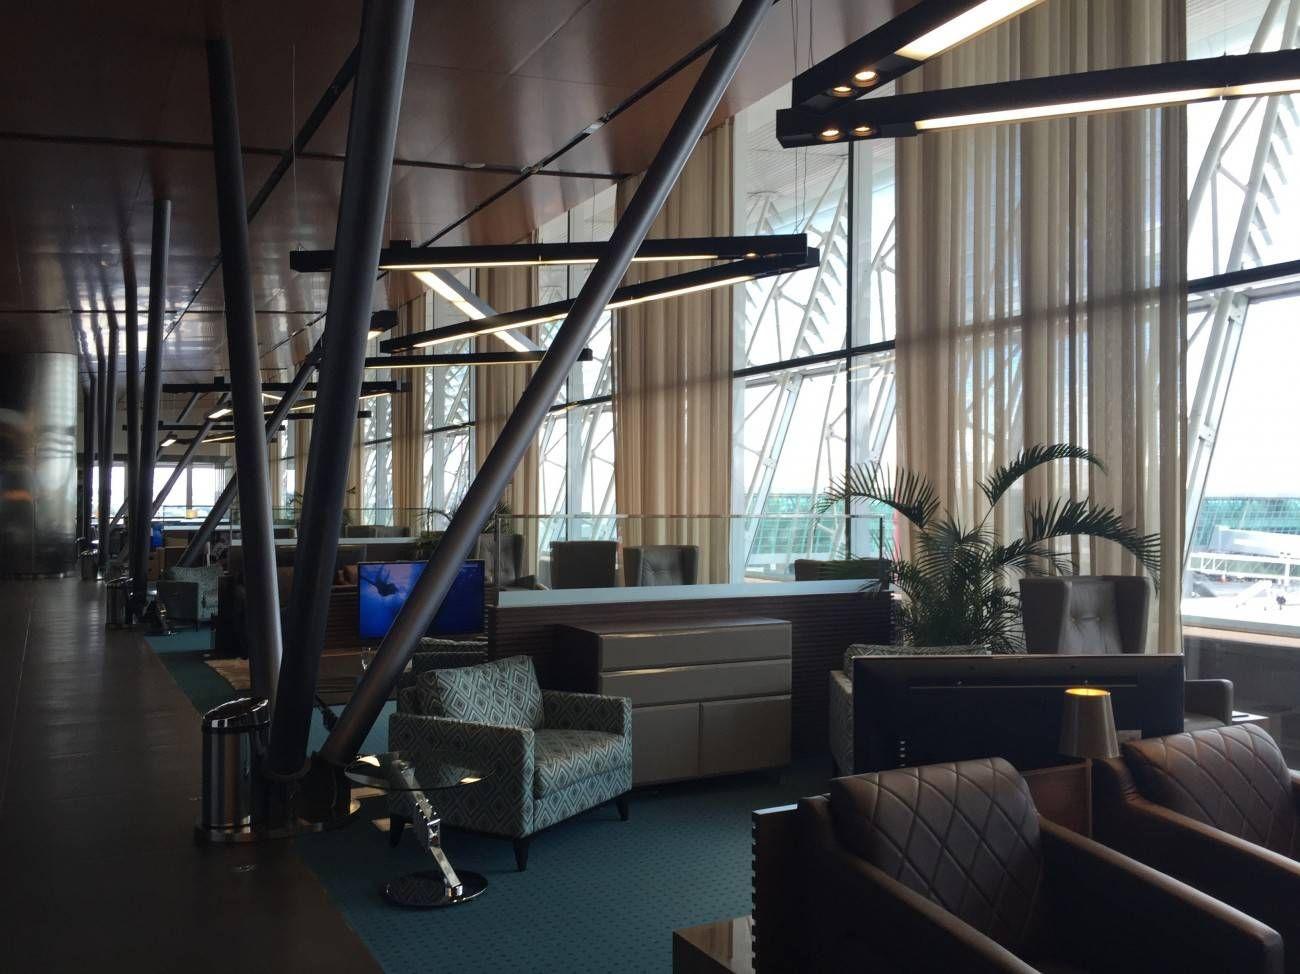 sala vip aeroporto brasilia